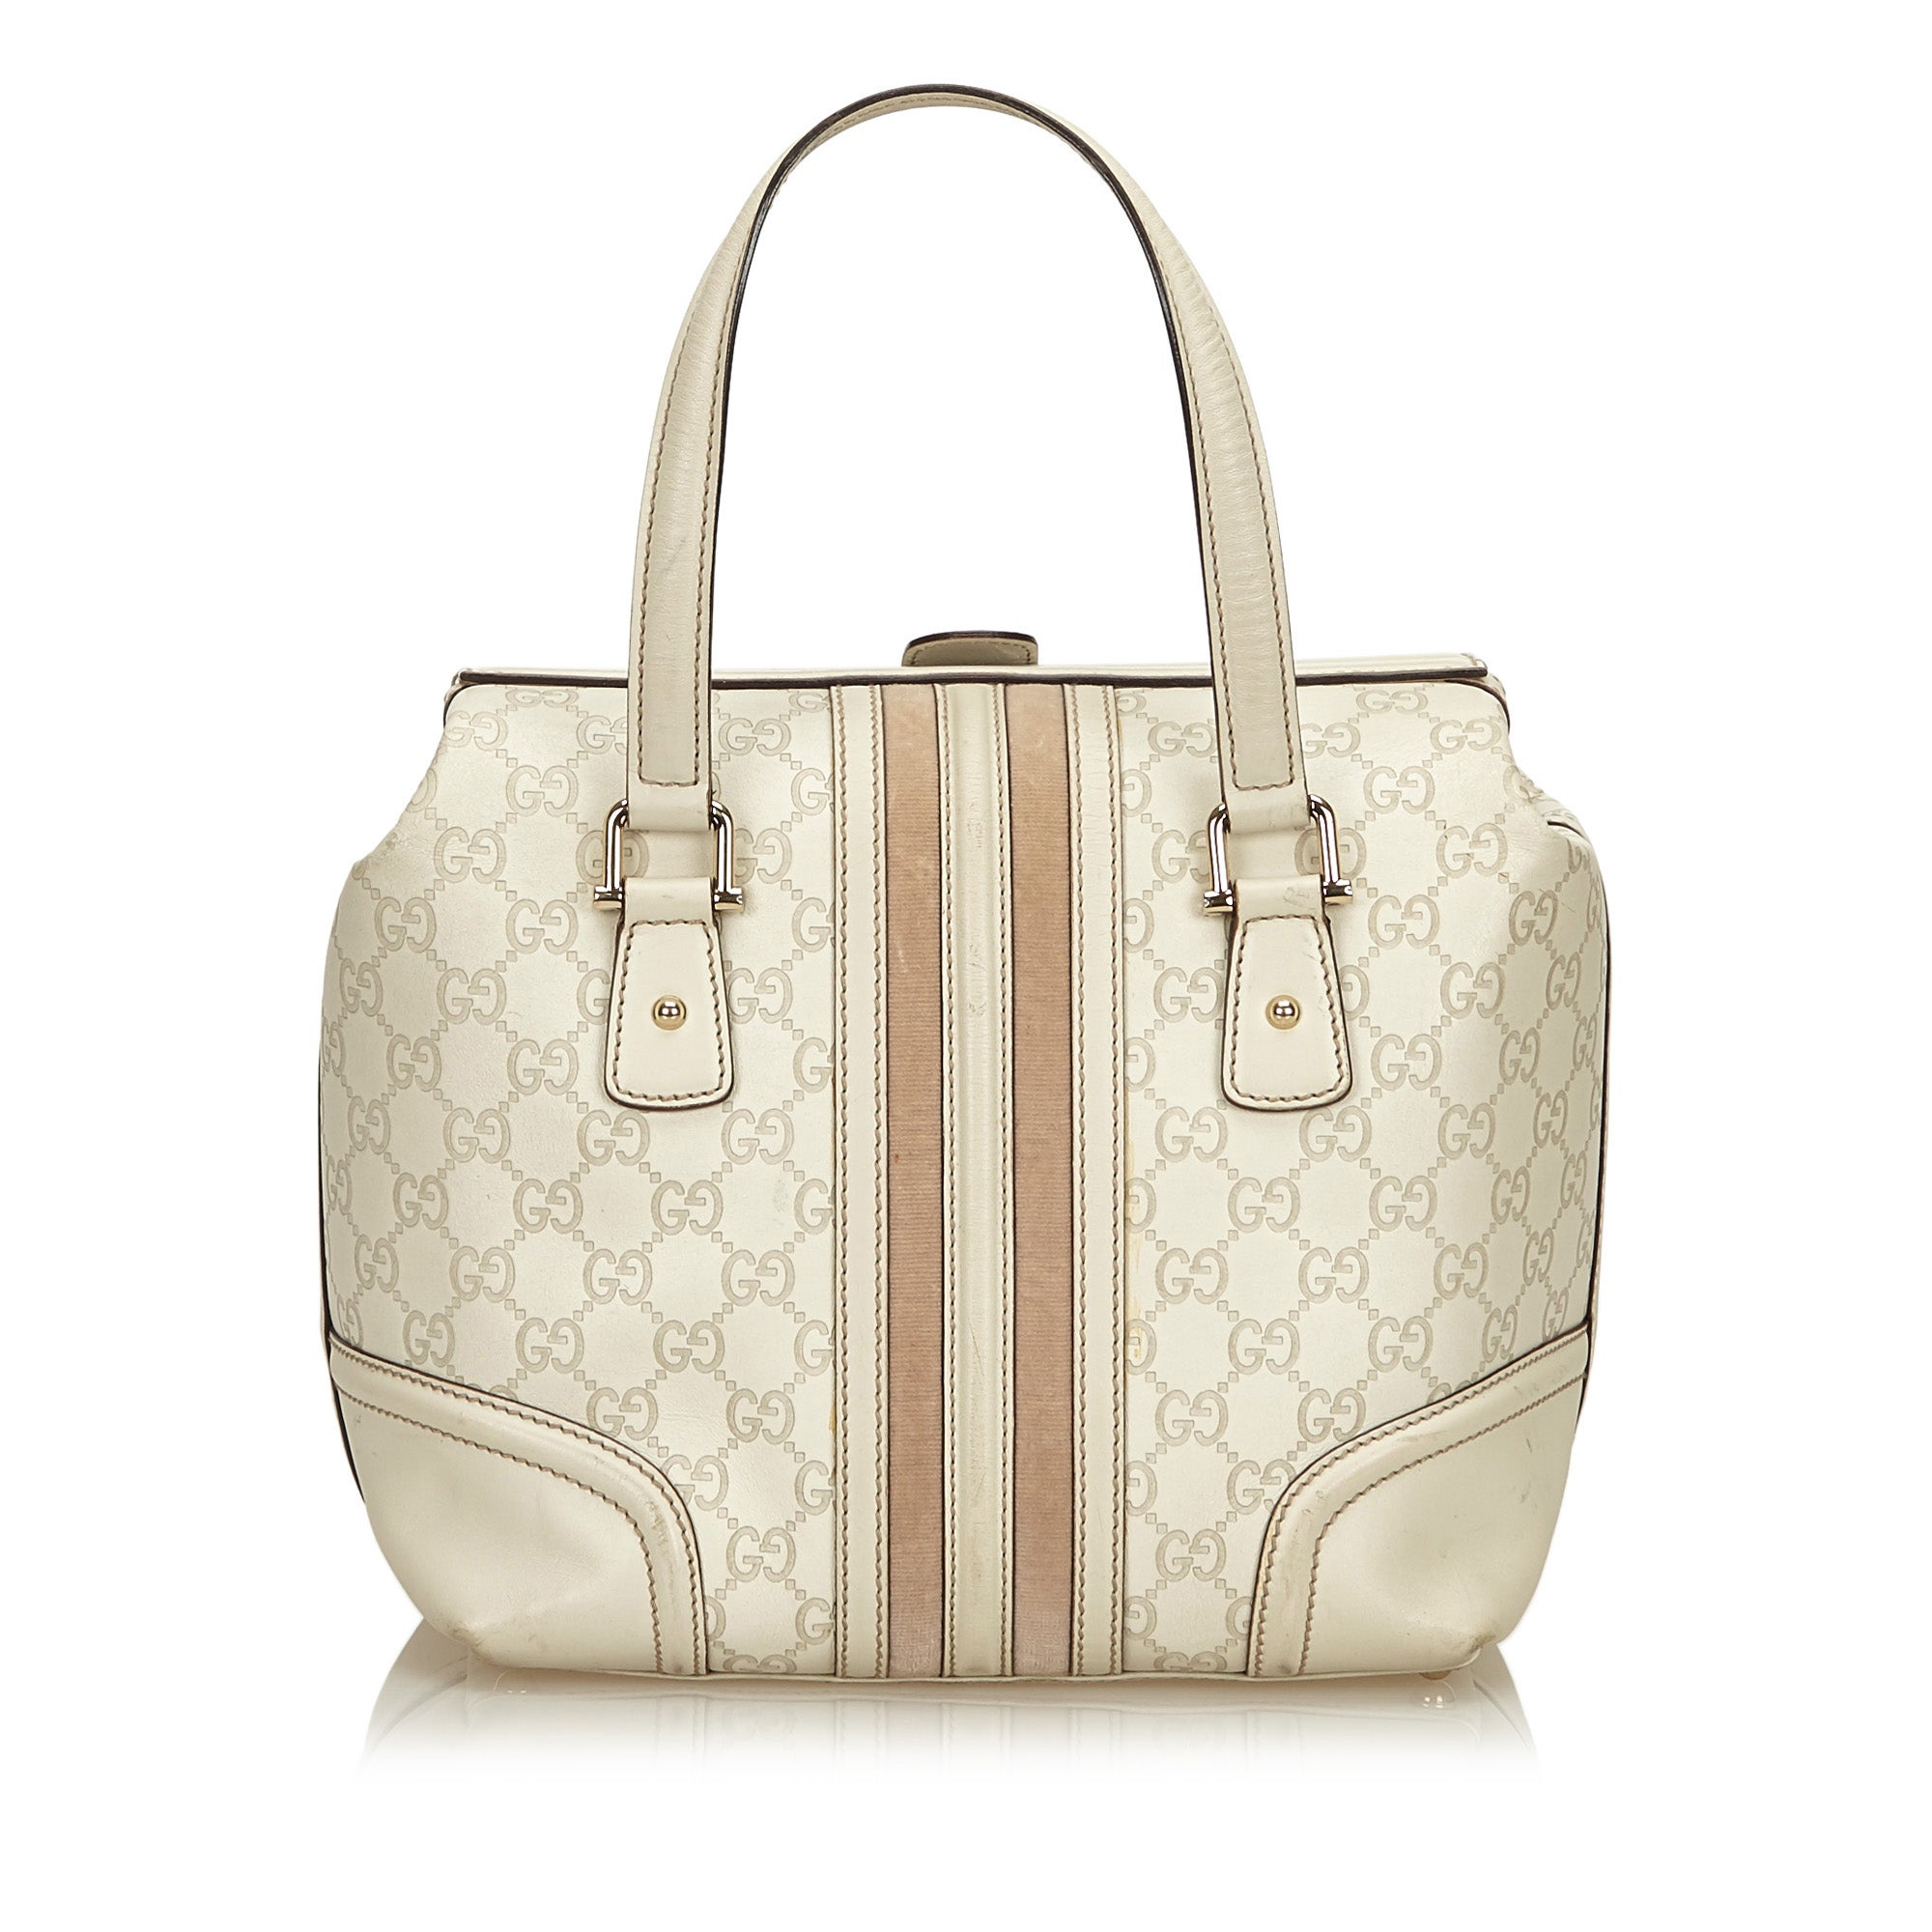 b40f1a84a0f1 Gucci White Guccissima Leather Treasure Boston Bag For Sale at 1stdibs